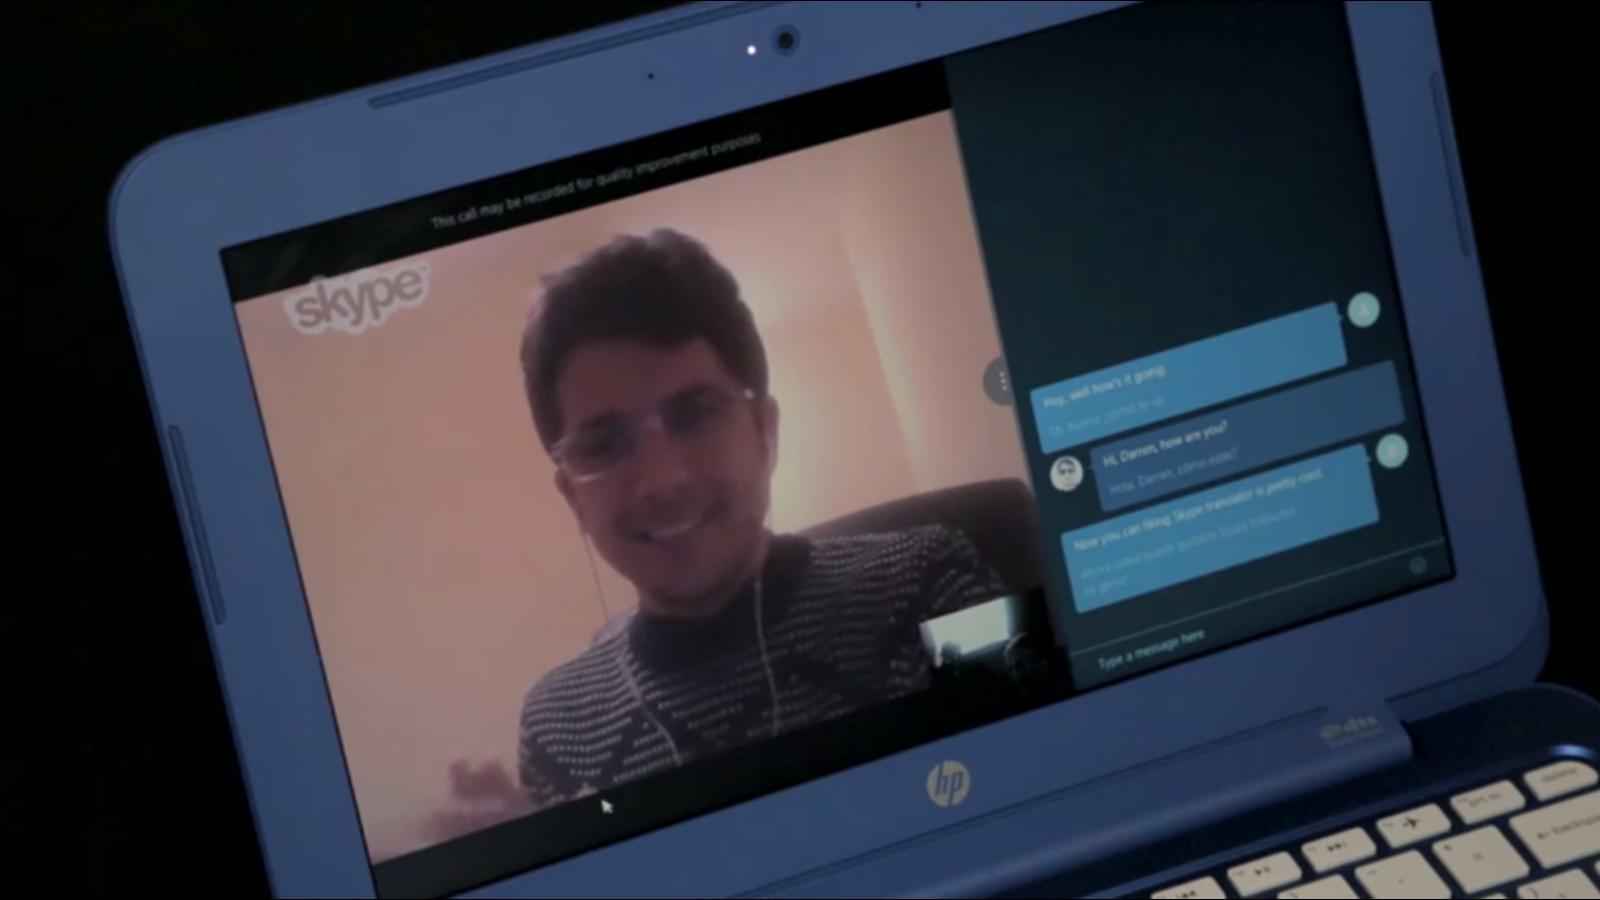 Probamos Skype Translator: la traducción instantánea ya está (casi) aquí